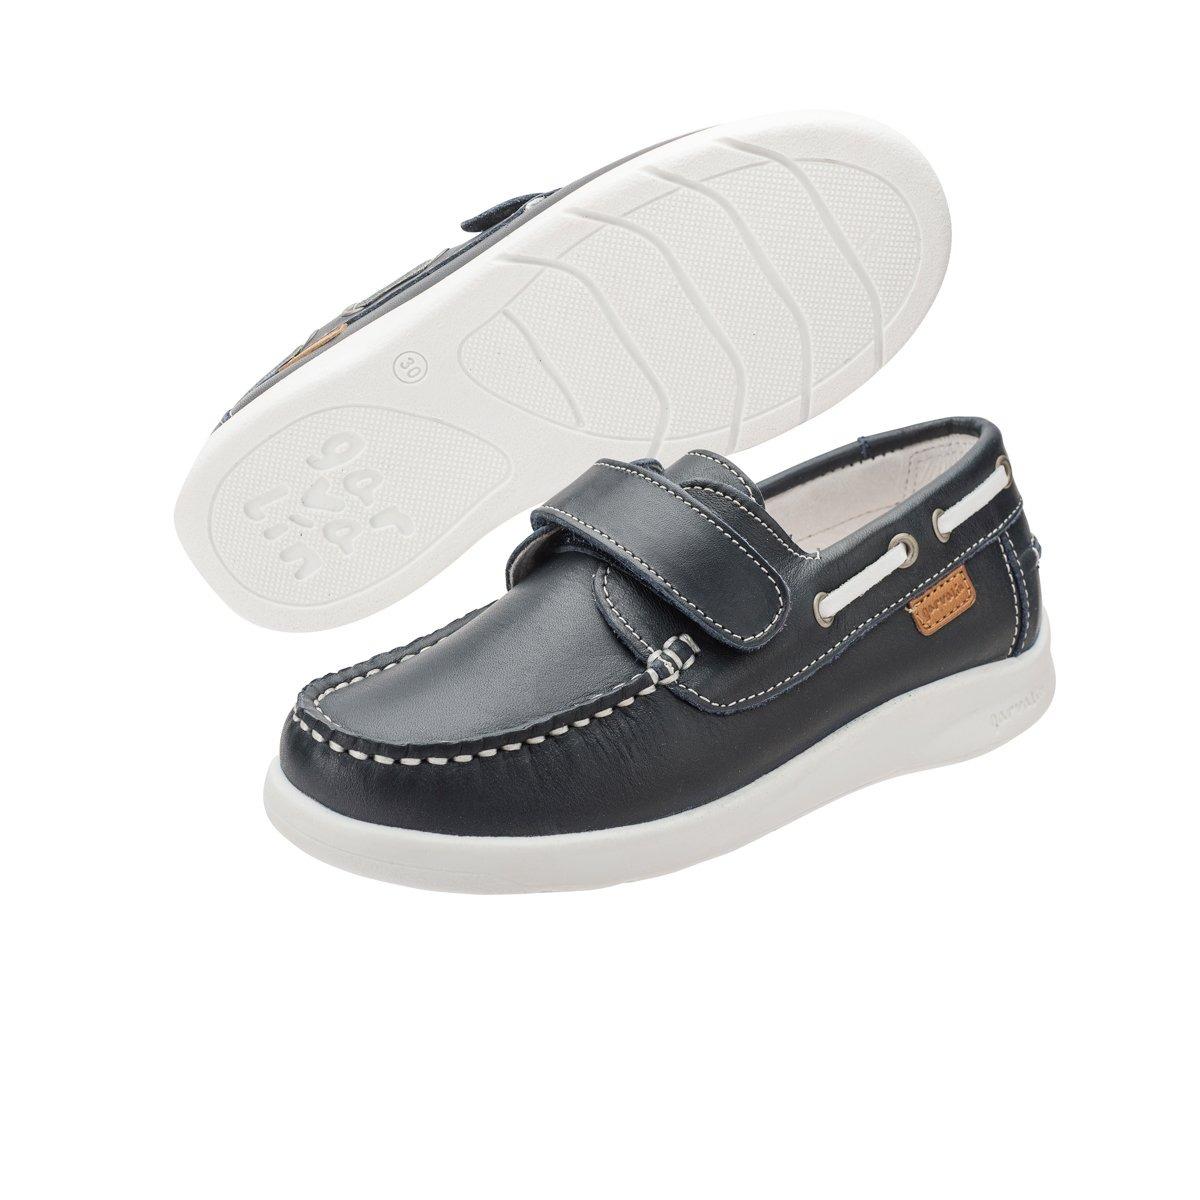 09b9a099 Niño Zapato Nautico Velcro Garvalin - $ 1,399.00 en Mercado Libre